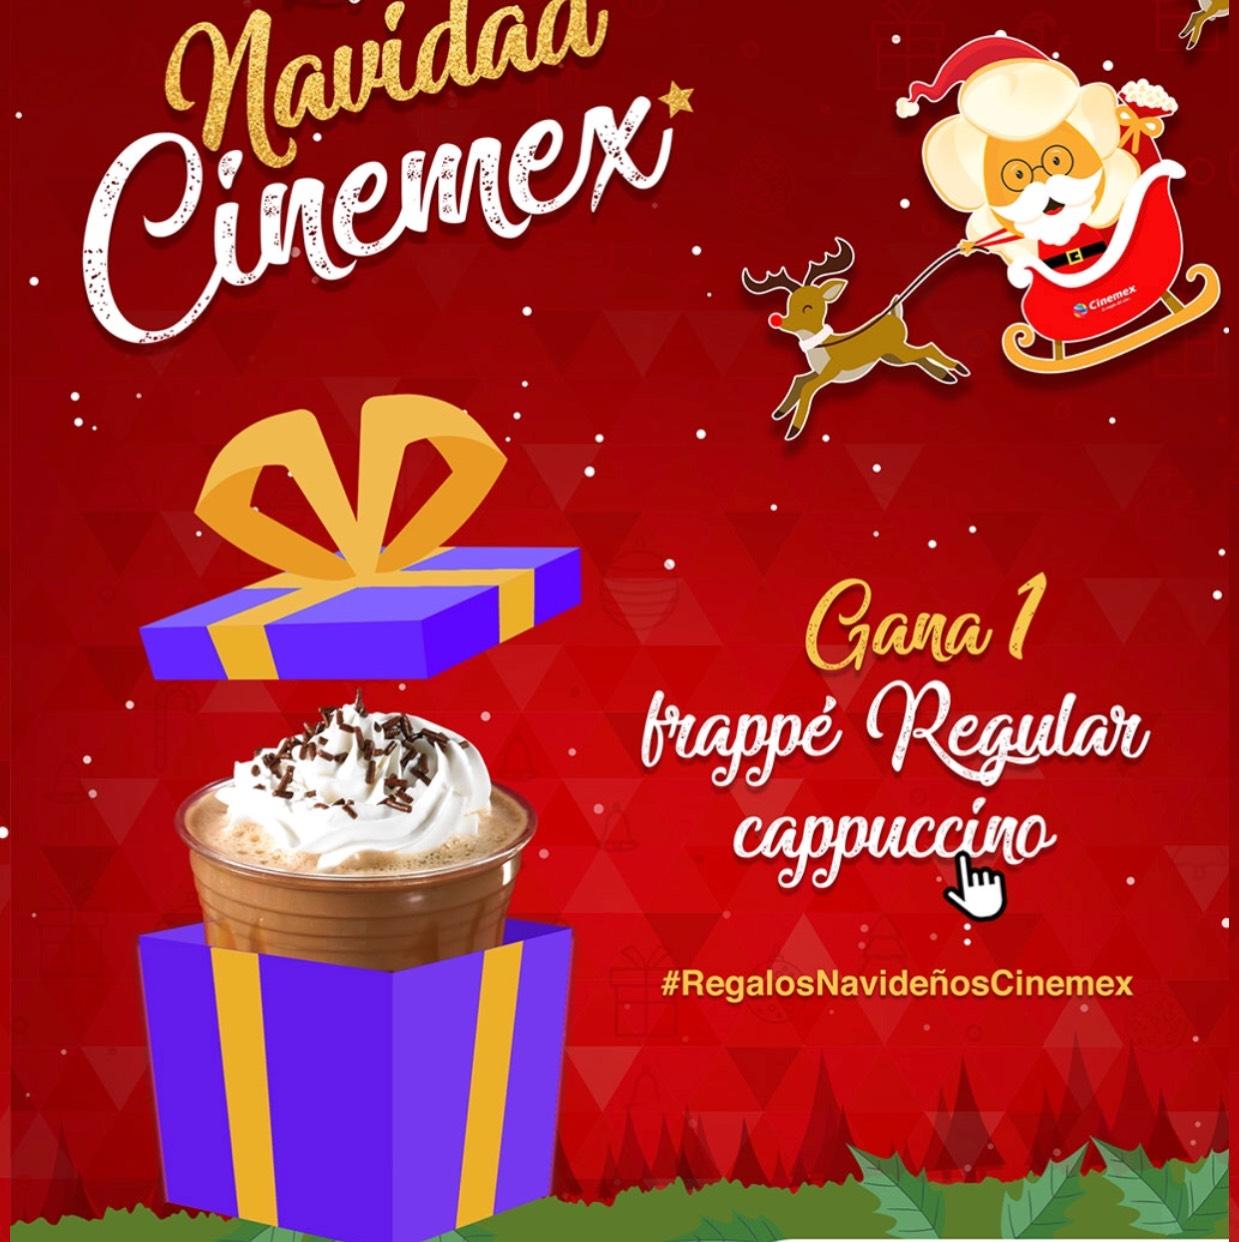 Navidad cinemex: FRAPUCCINO GRATIS